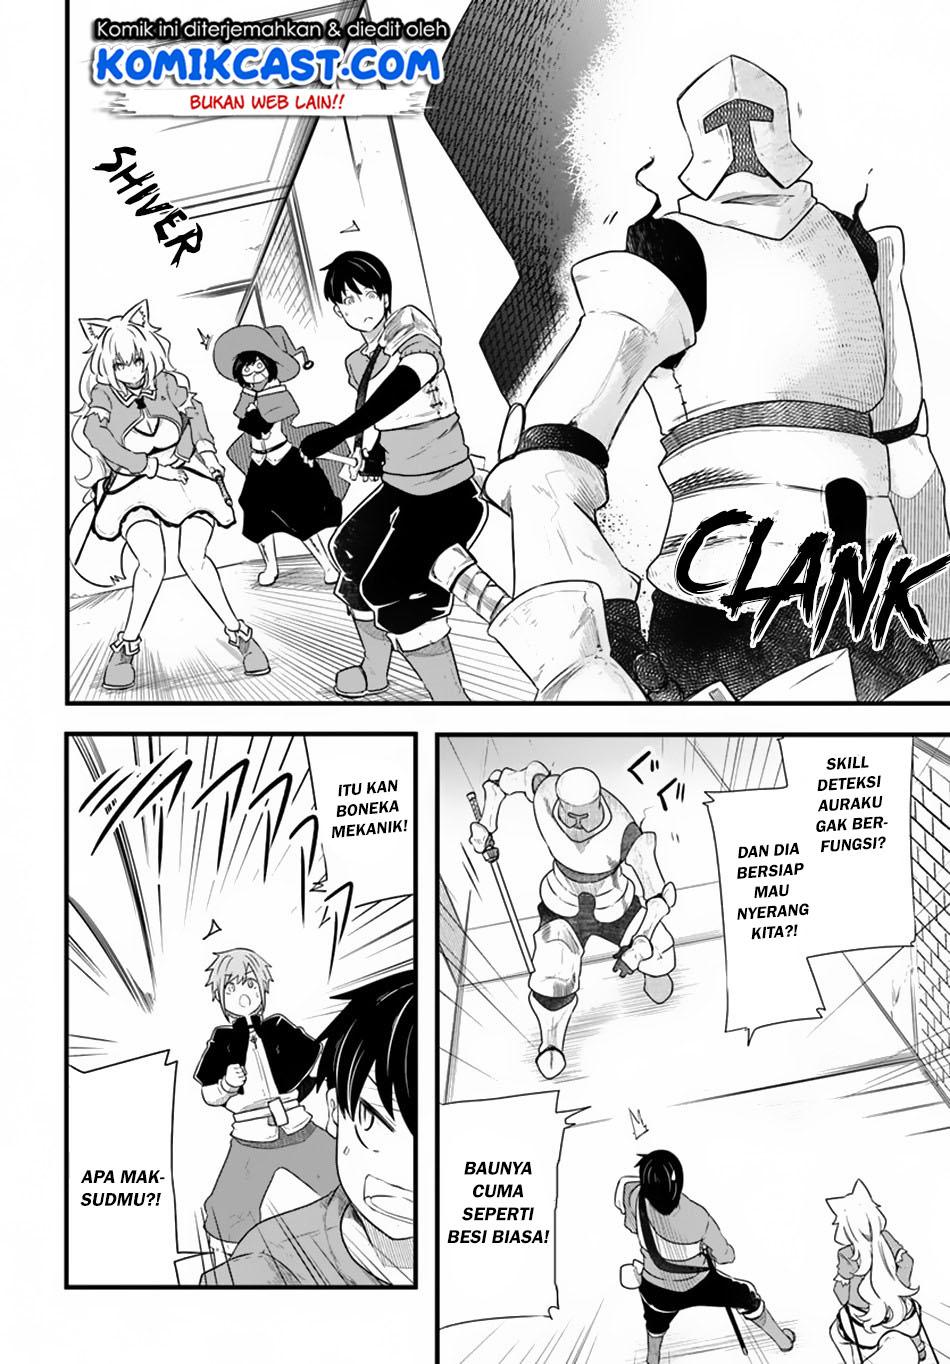 Seichou Cheat de Nandemo Dekiru you ni Natta ga, Mushoku dake wa Yamerarenai you desu: Chapter 24 - Page 11